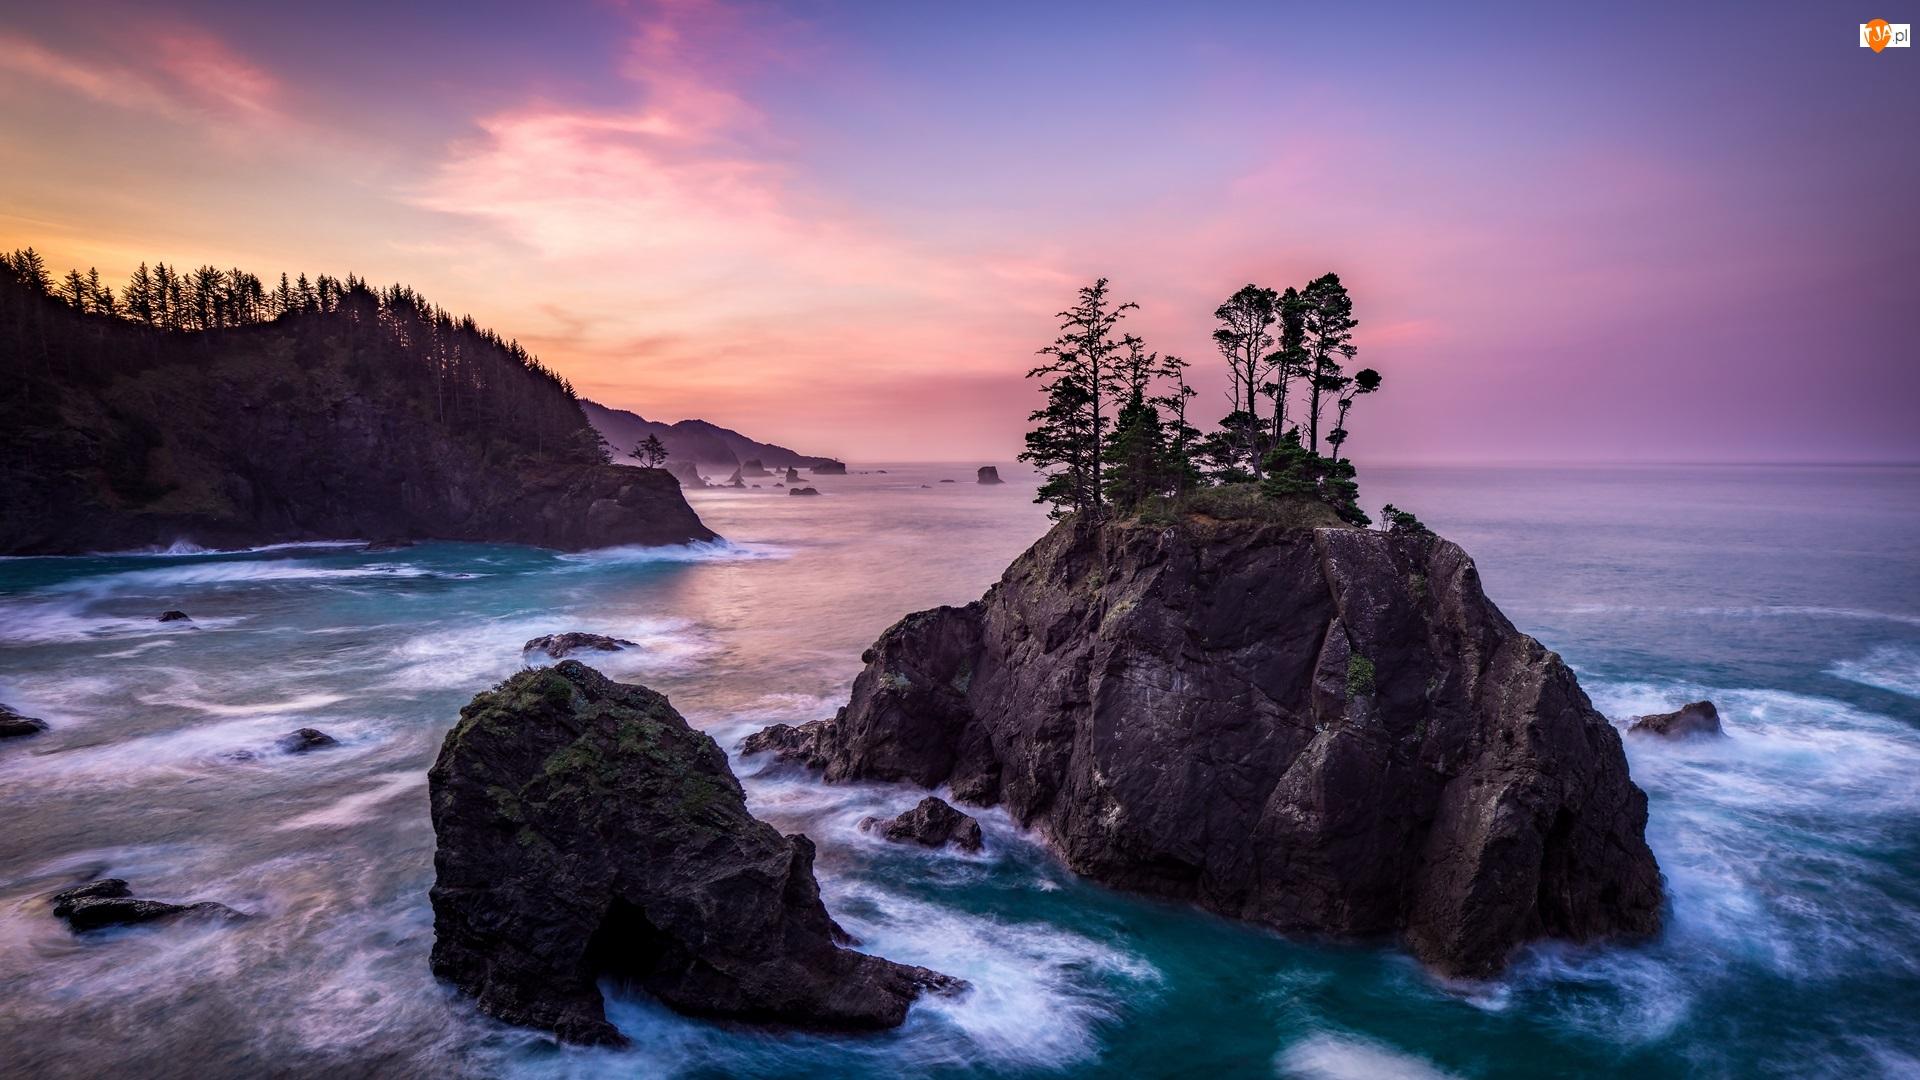 Stany Zjednoczone, Park stanowy, Samuel H Boardman State Scenic Corridor, Wschód słońca, Skały, Morze, Wysepka, Drzewa, Wybrzeże, Oregon